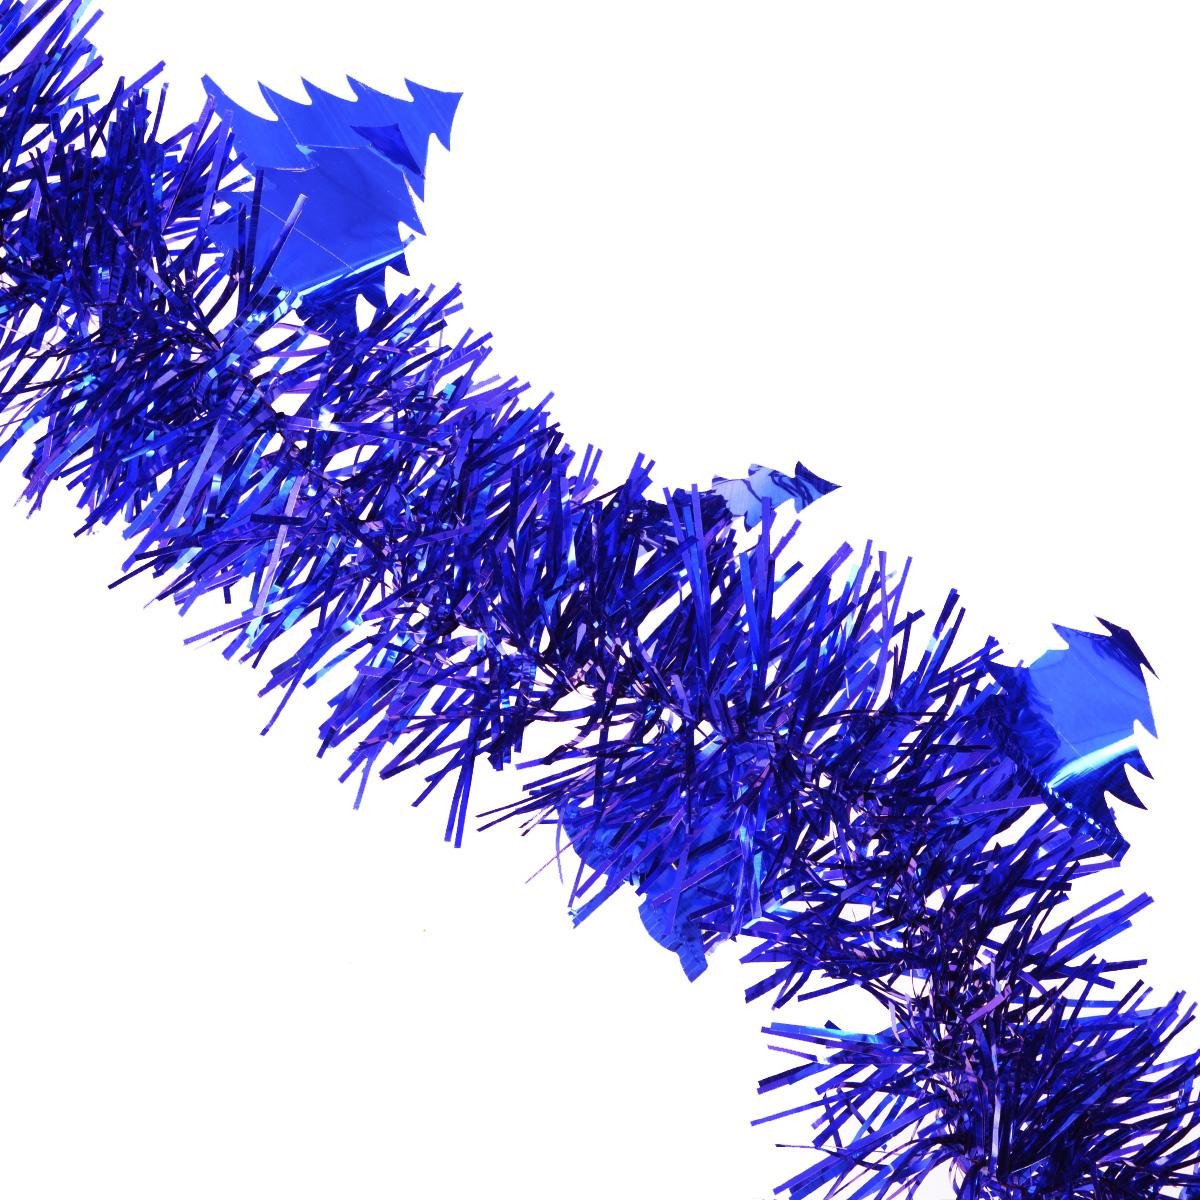 Мишура новогодняя Sima-land, цвет: синий, диаметр 8 см, длина 2 м. 702595702595Мишура новогодняя Sima-land, выполненная из фольги, поможет вам украсить свой дом к предстоящим праздникам. Мишура декорирована елочками и армирована, то есть имеет проволоку внутри и способна сохранять приданную ей форму. Новогодняя елка с таким украшением станет еще наряднее. Новогодней мишурой можно украсить все, что угодно - елку, квартиру, дачу, офис - как внутри, так и снаружи. Можно сложить новогодние поздравления, буквы и цифры, мишурой можно украсить и дополнить гирлянды, можно выделить дверные колонны, оплести дверные проемы. Коллекция декоративных украшений из серии Зимнее волшебство принесет в ваш дом ни с чем несравнимое ощущение праздника! Создайте в своем доме атмосферу тепла, веселья и радости, украшая его всей семьей.